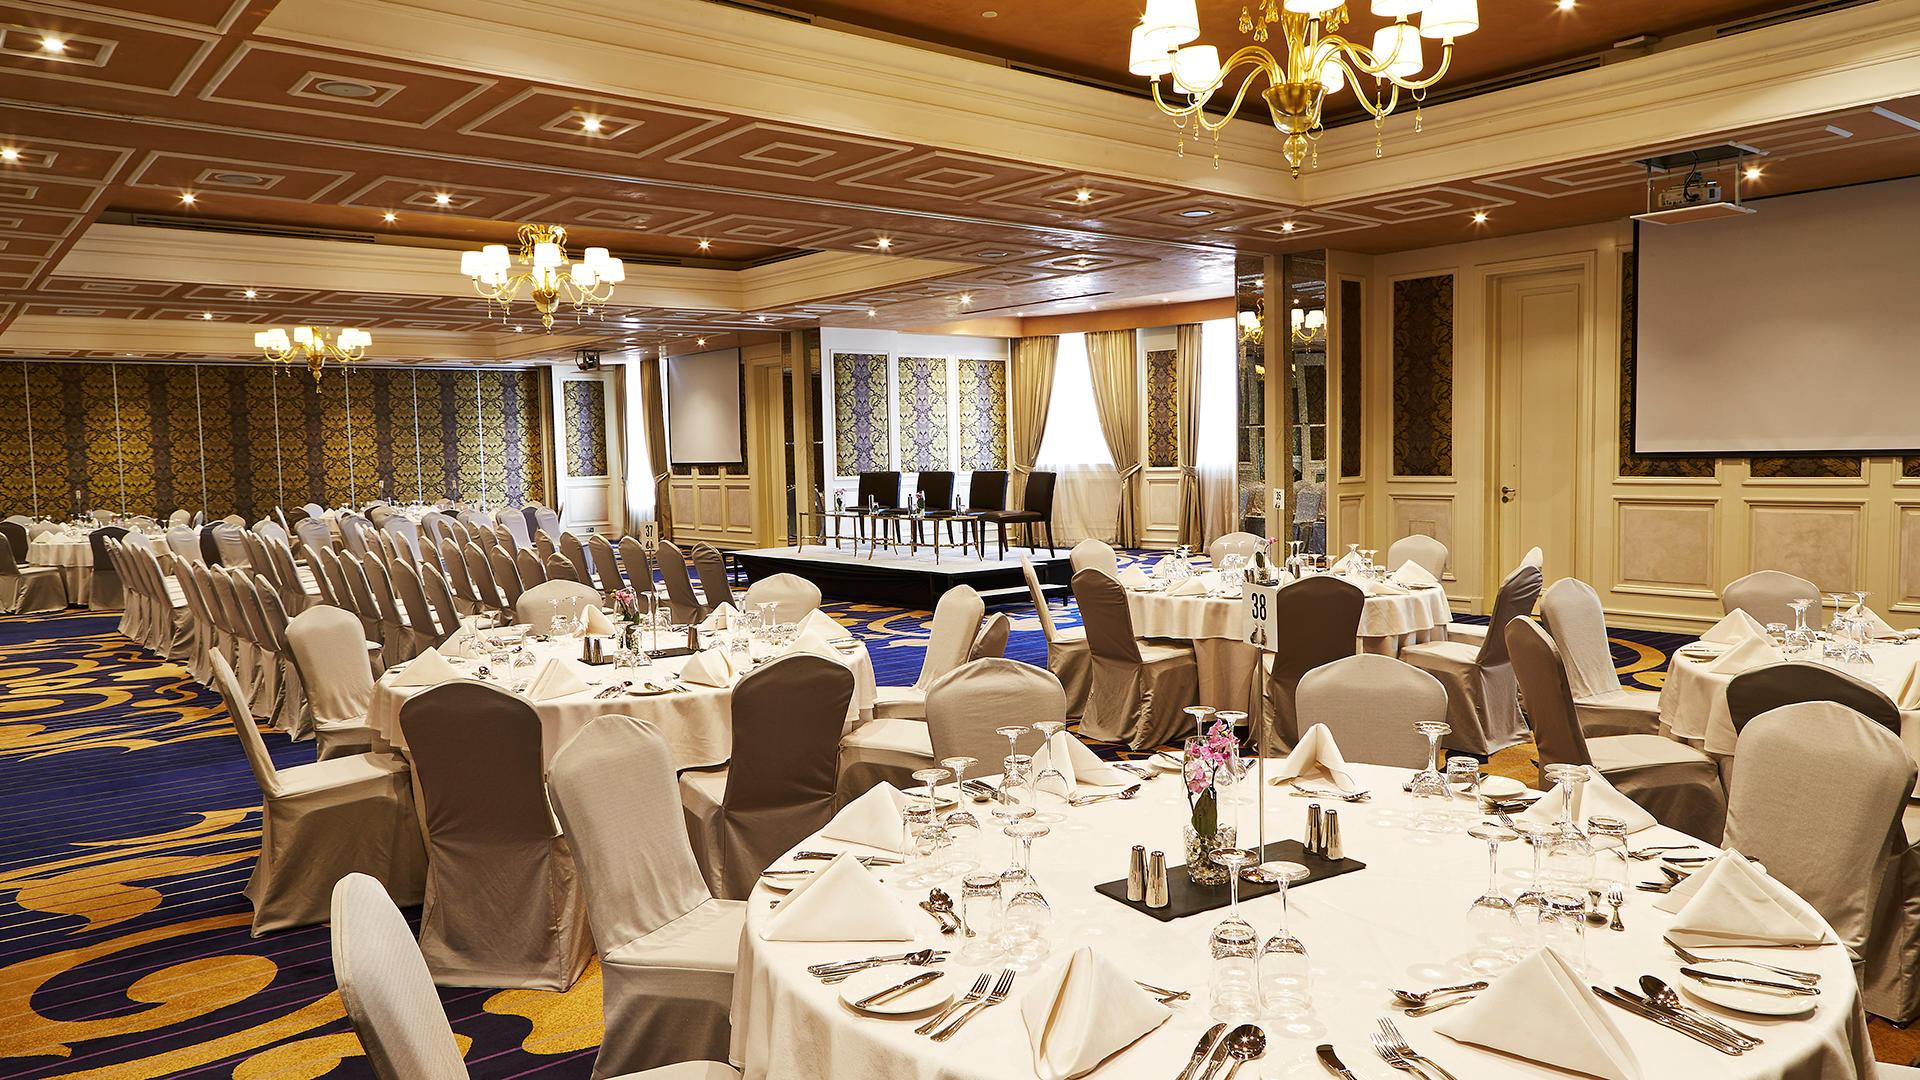 VillaRosaKempinski_Ballroom_banner_image.jpg